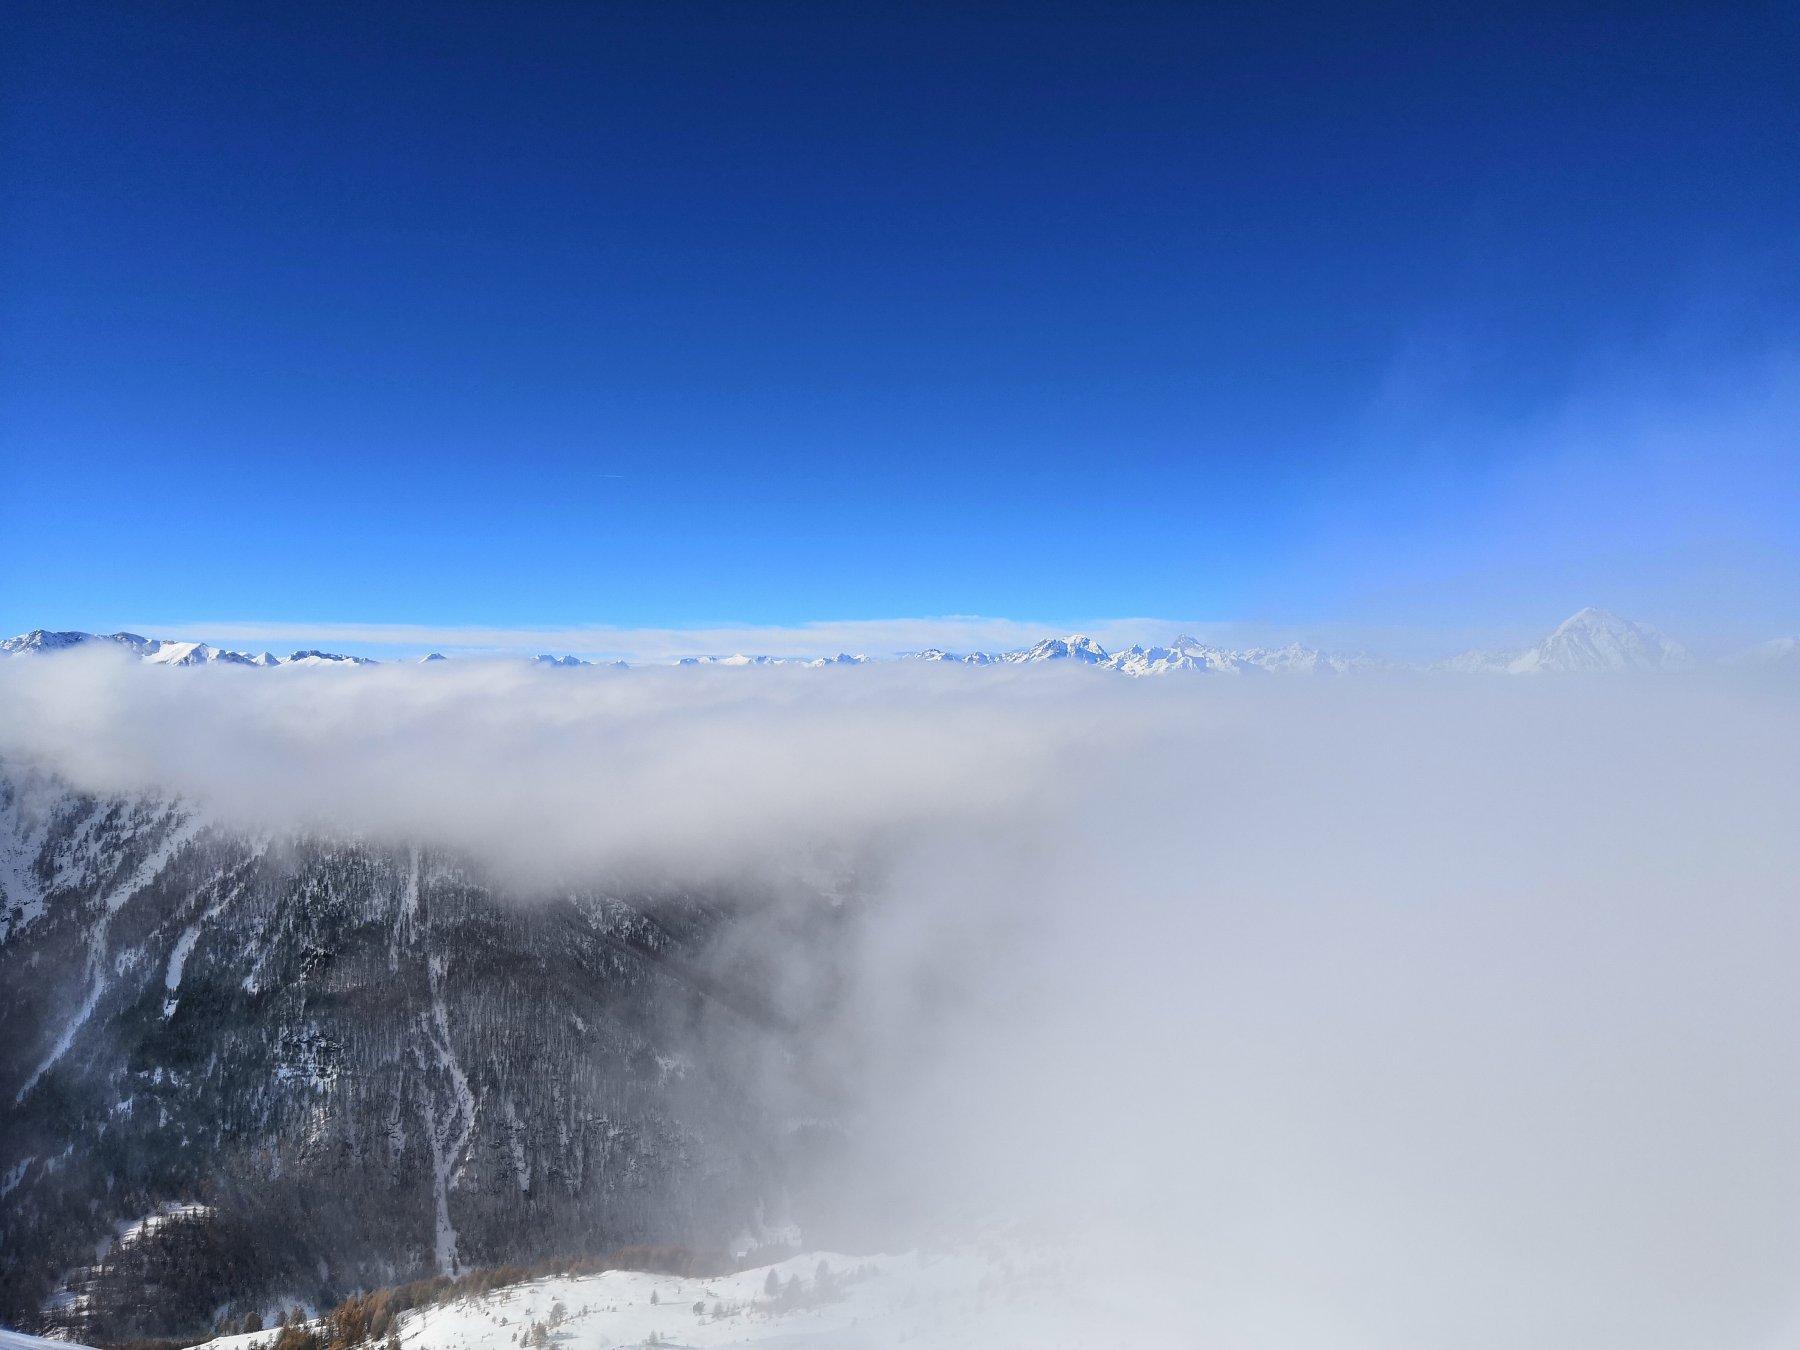 Nuvole a mezz'aria